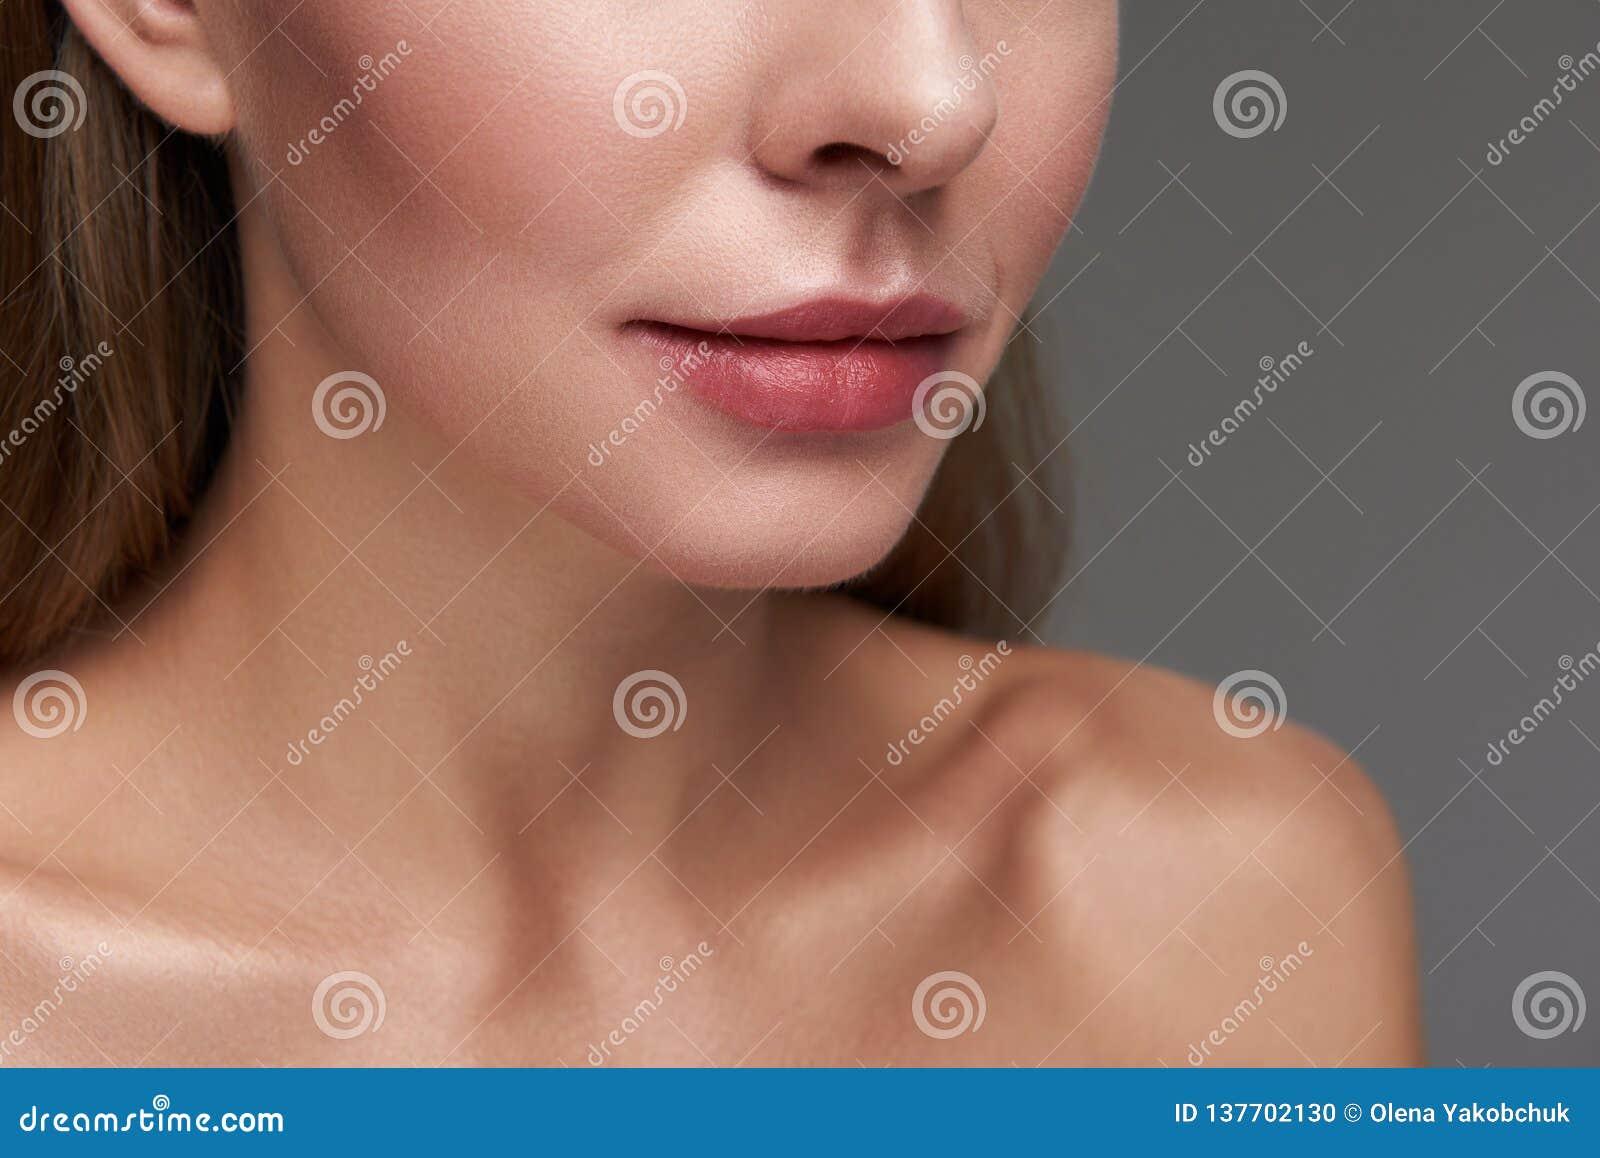 Молодая дама с нагими плечами и красивыми губами